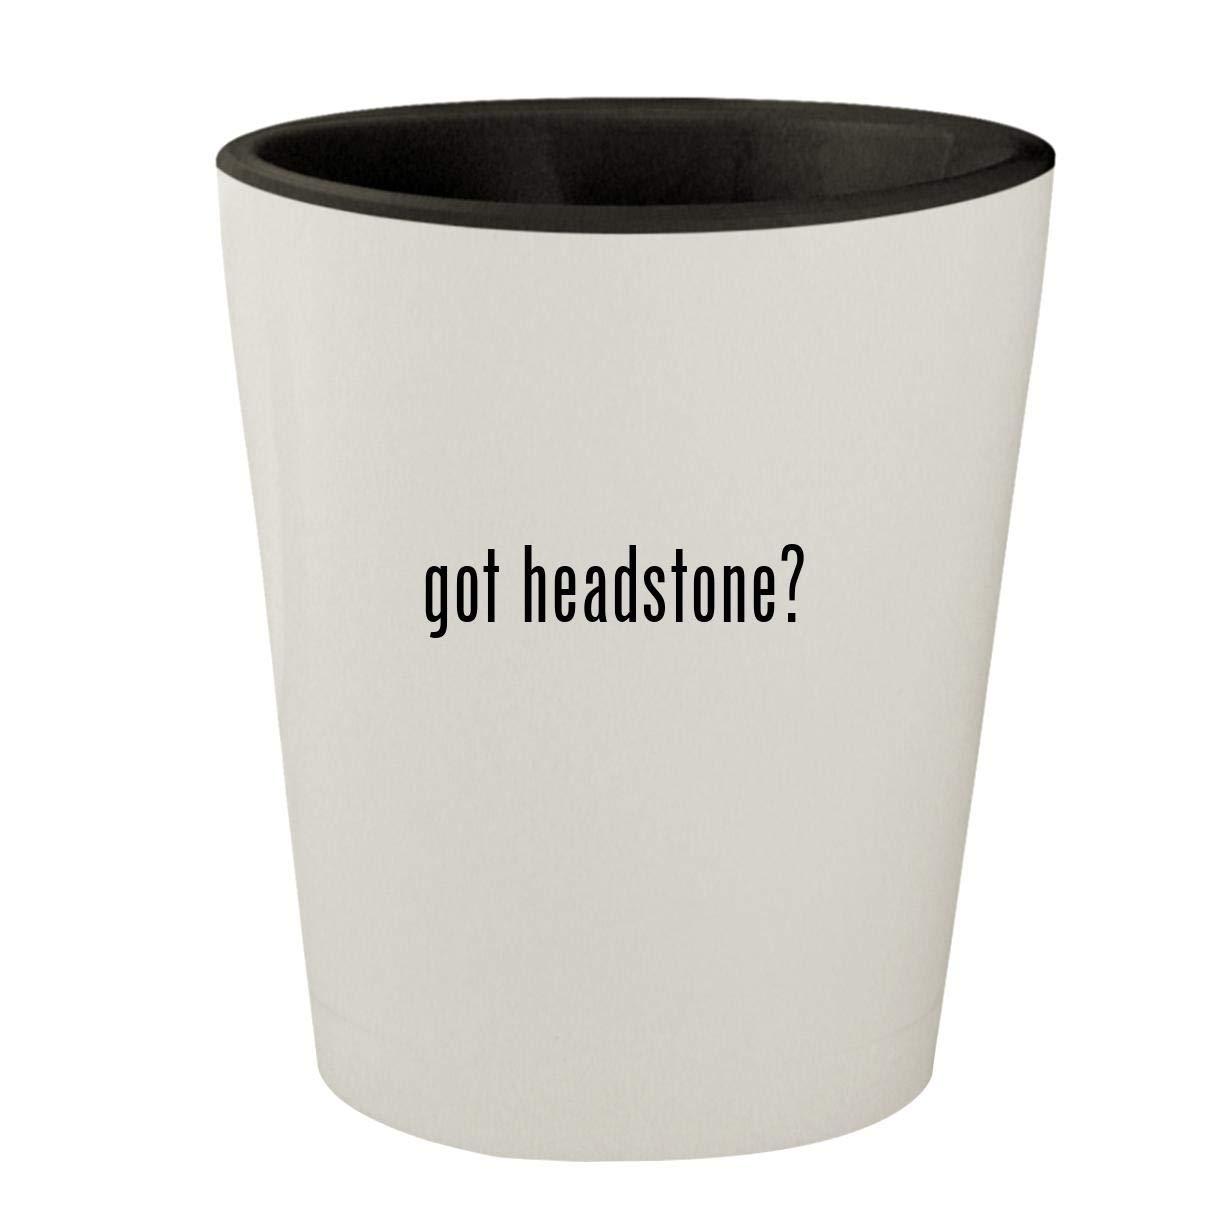 got headstone? - White Outer & Black Inner Ceramic 1.5oz Shot Glass